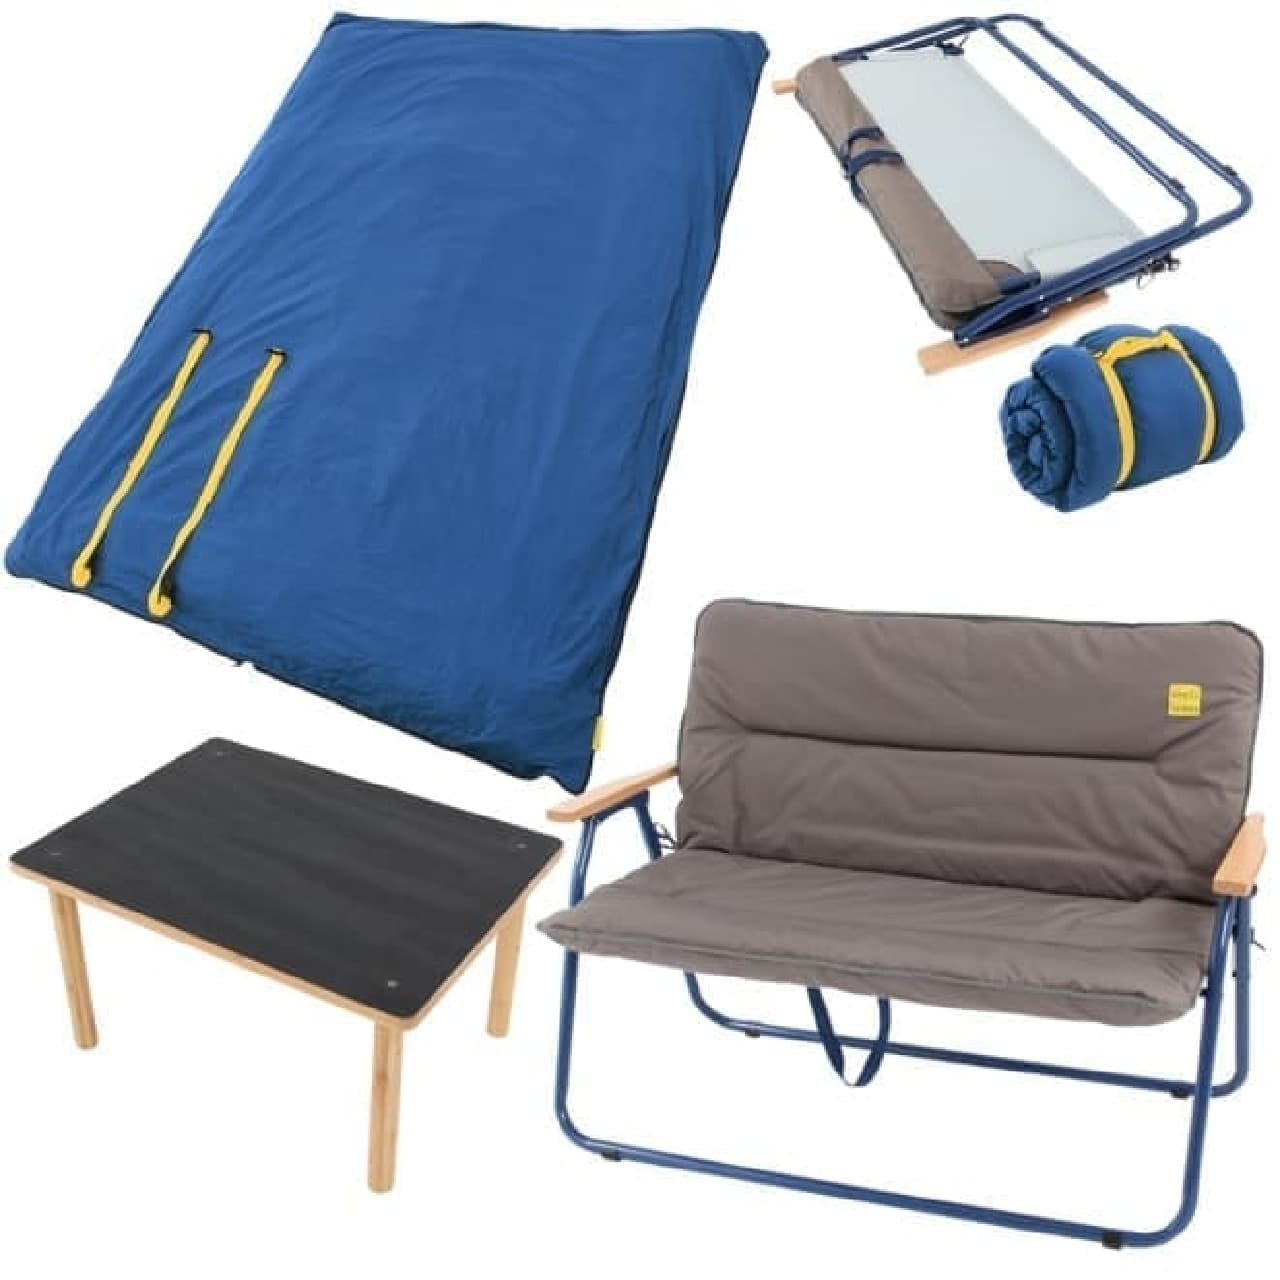 キャンプ用品による新生活応援セット「アウトドア新生活セット」